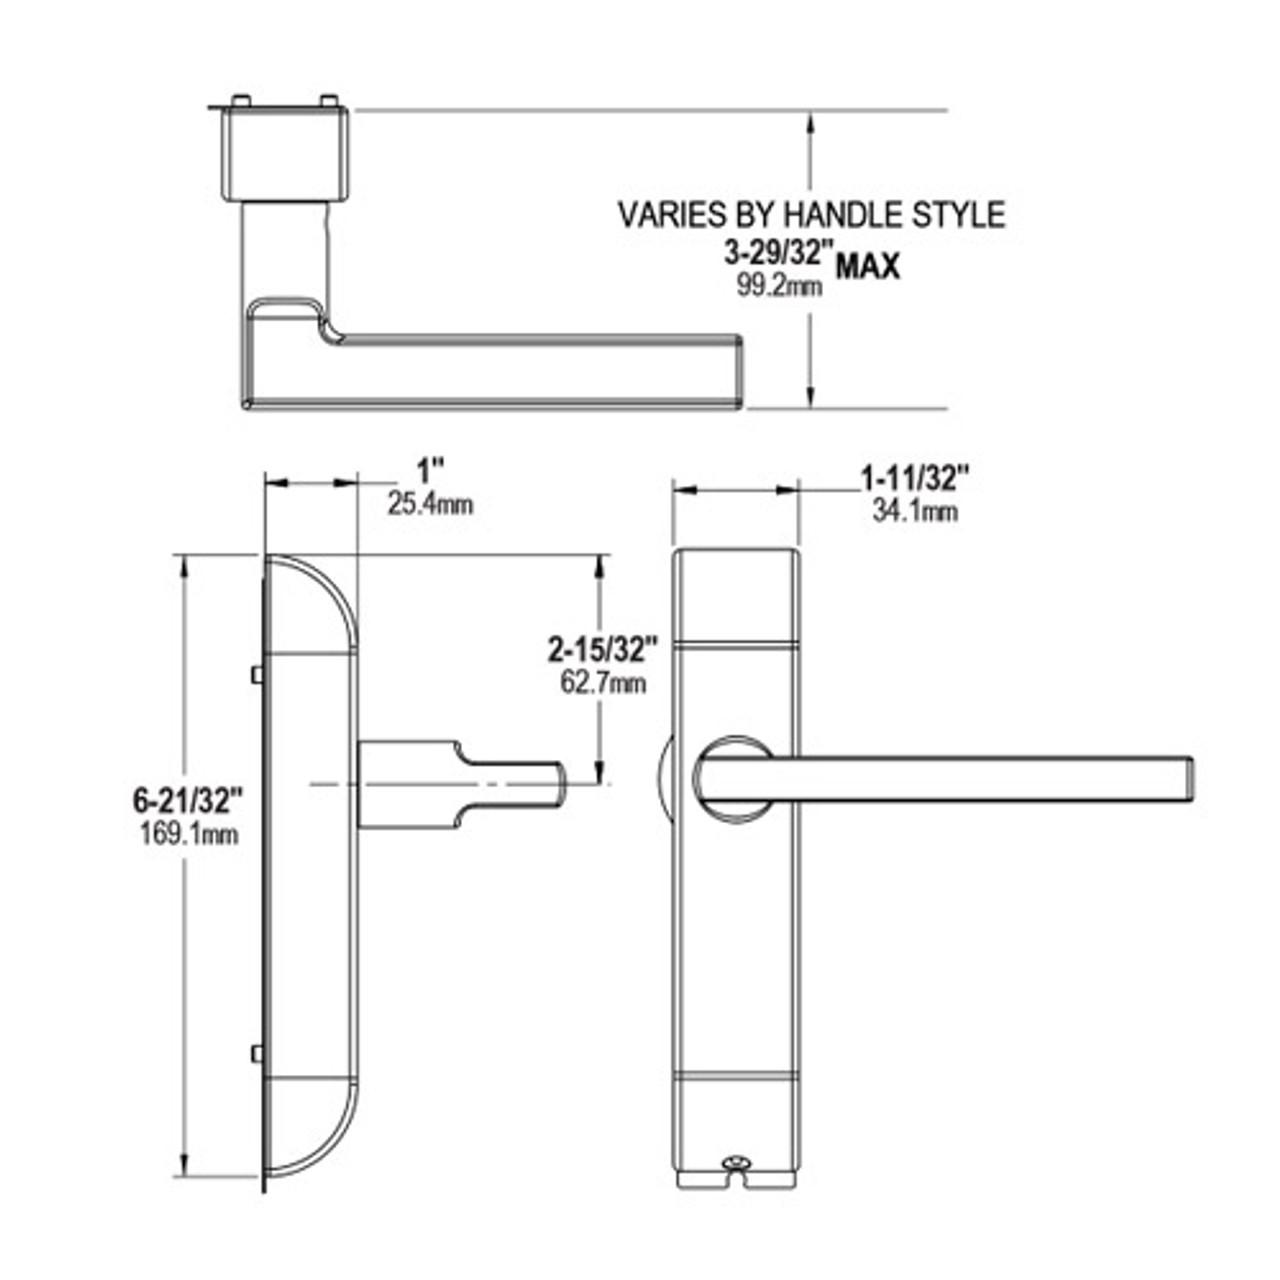 4600M-MG-641-US32 Adams Rite MG Designer handle Dimensional View